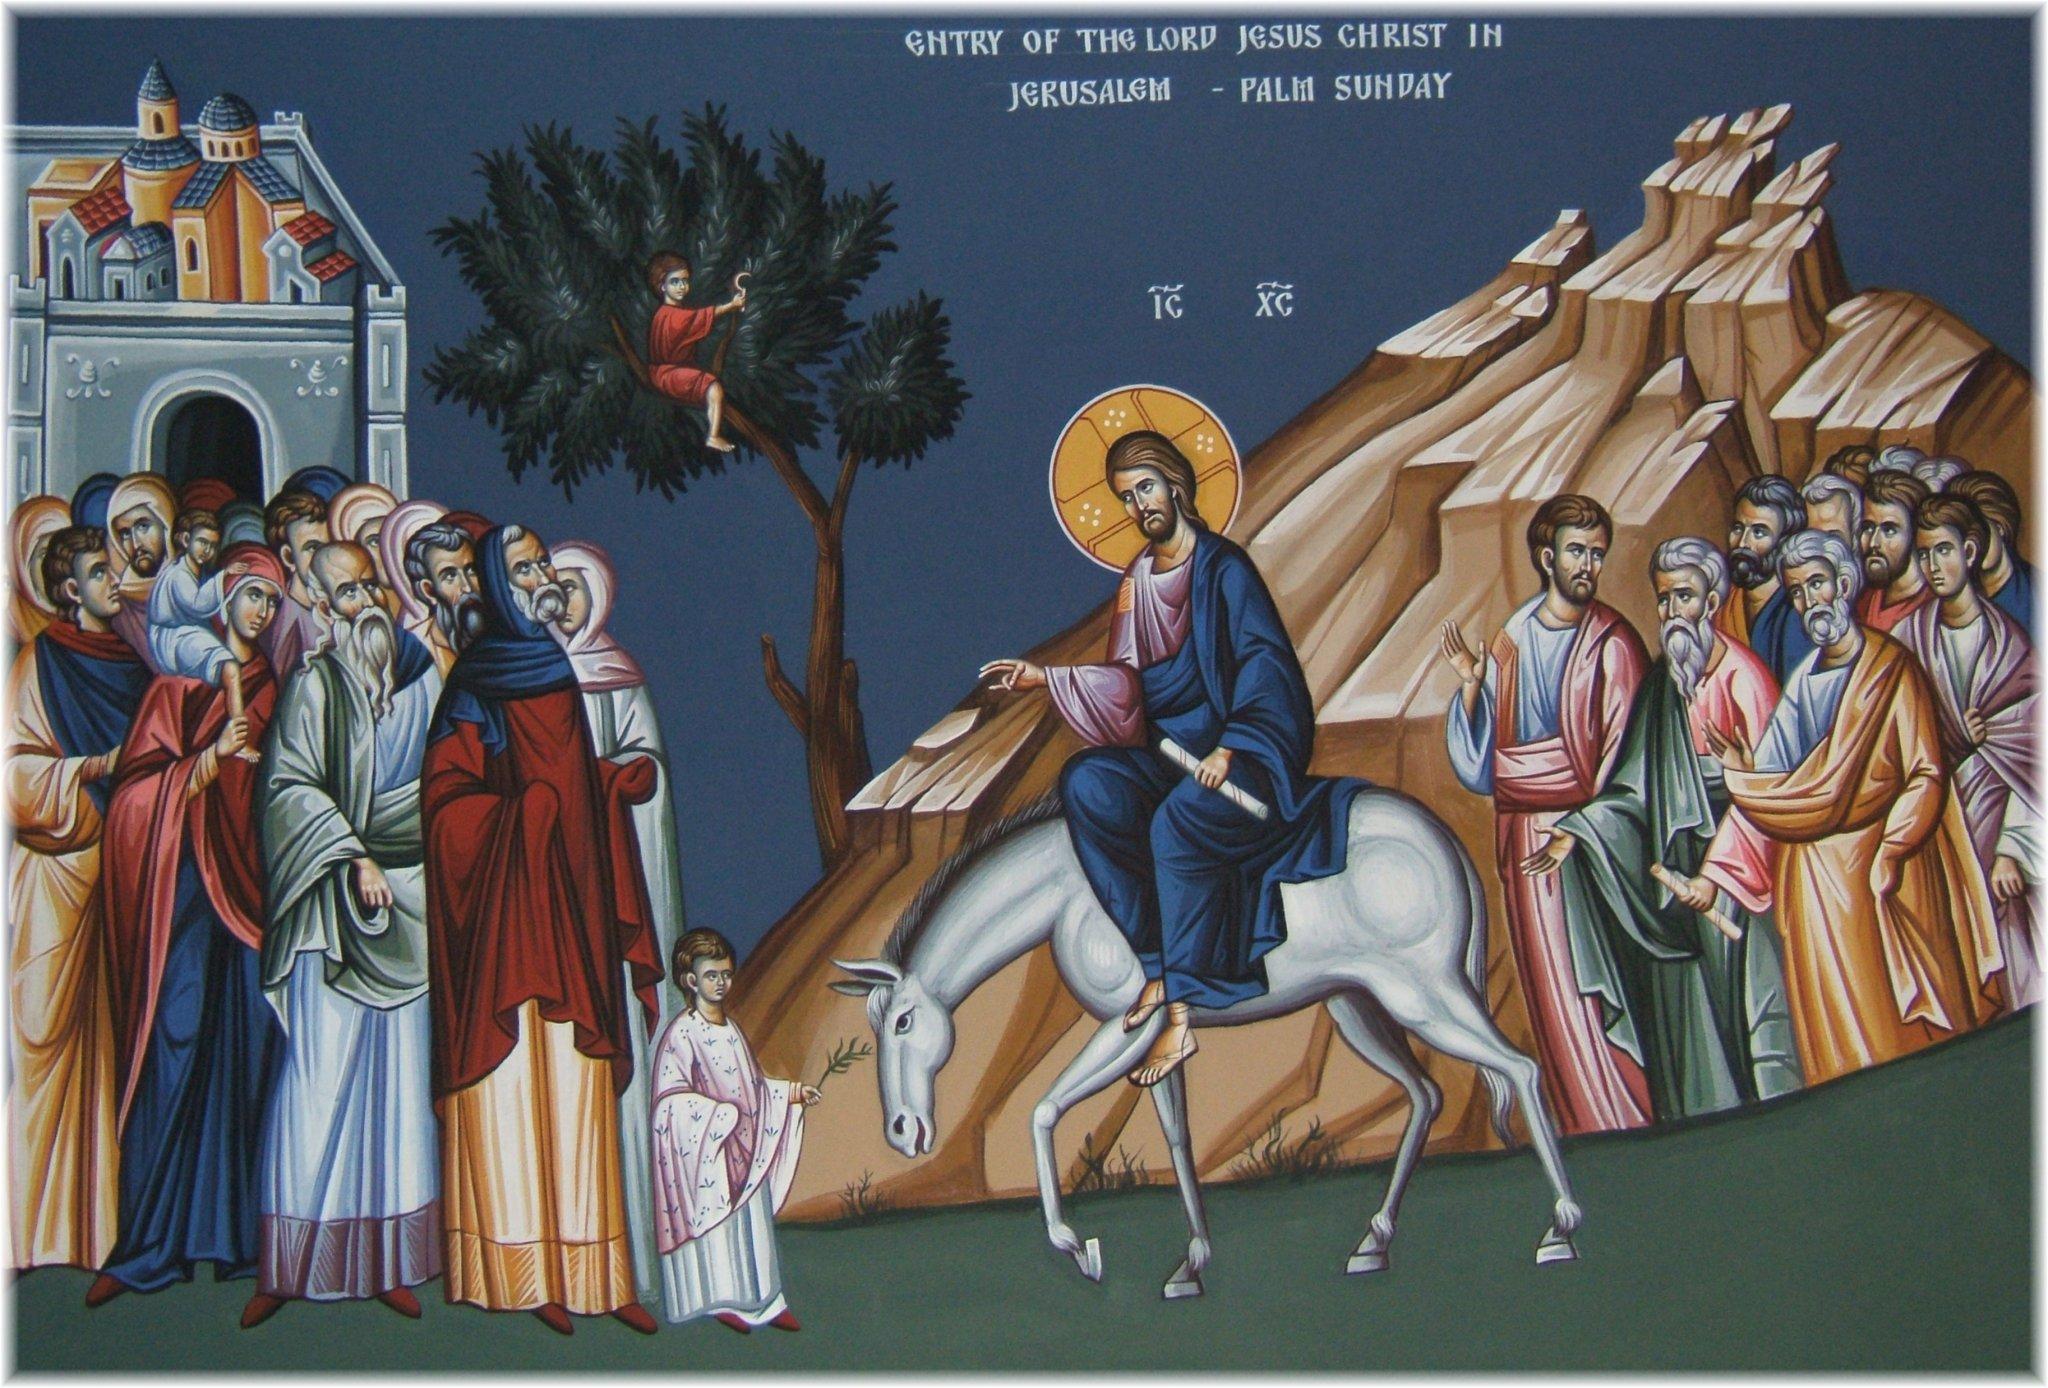 Вход Господень в Иерусалим православные отмечают 25 апреля